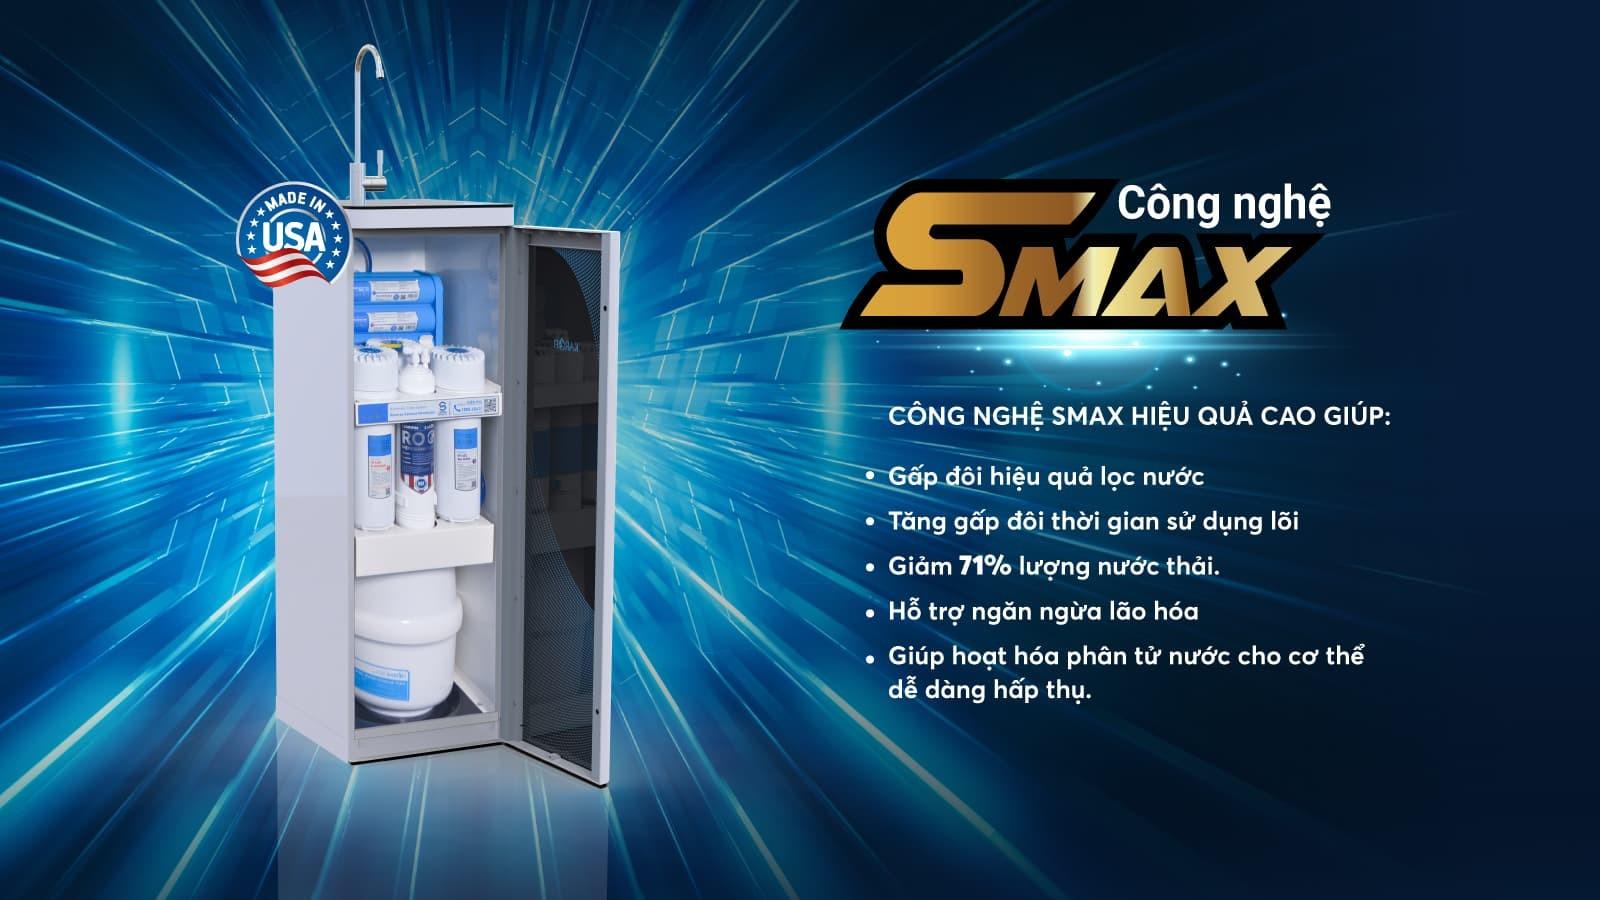 Công nghệ Smax mạnh mẽ